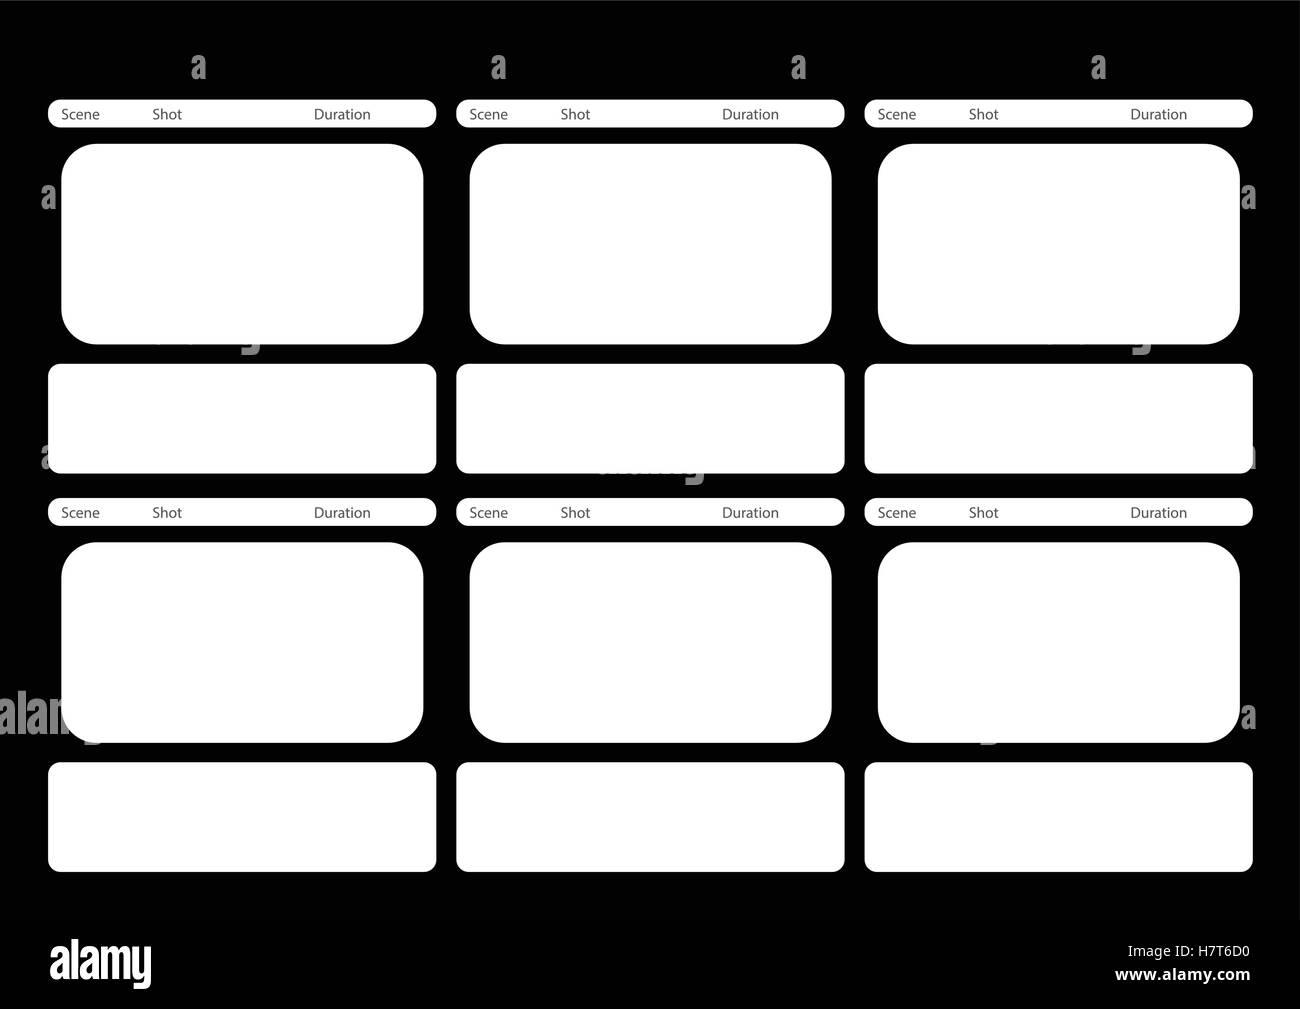 HDTV schwarz klassisch 6 Frame Storyboard Vorlage Vektor Abbildung ...